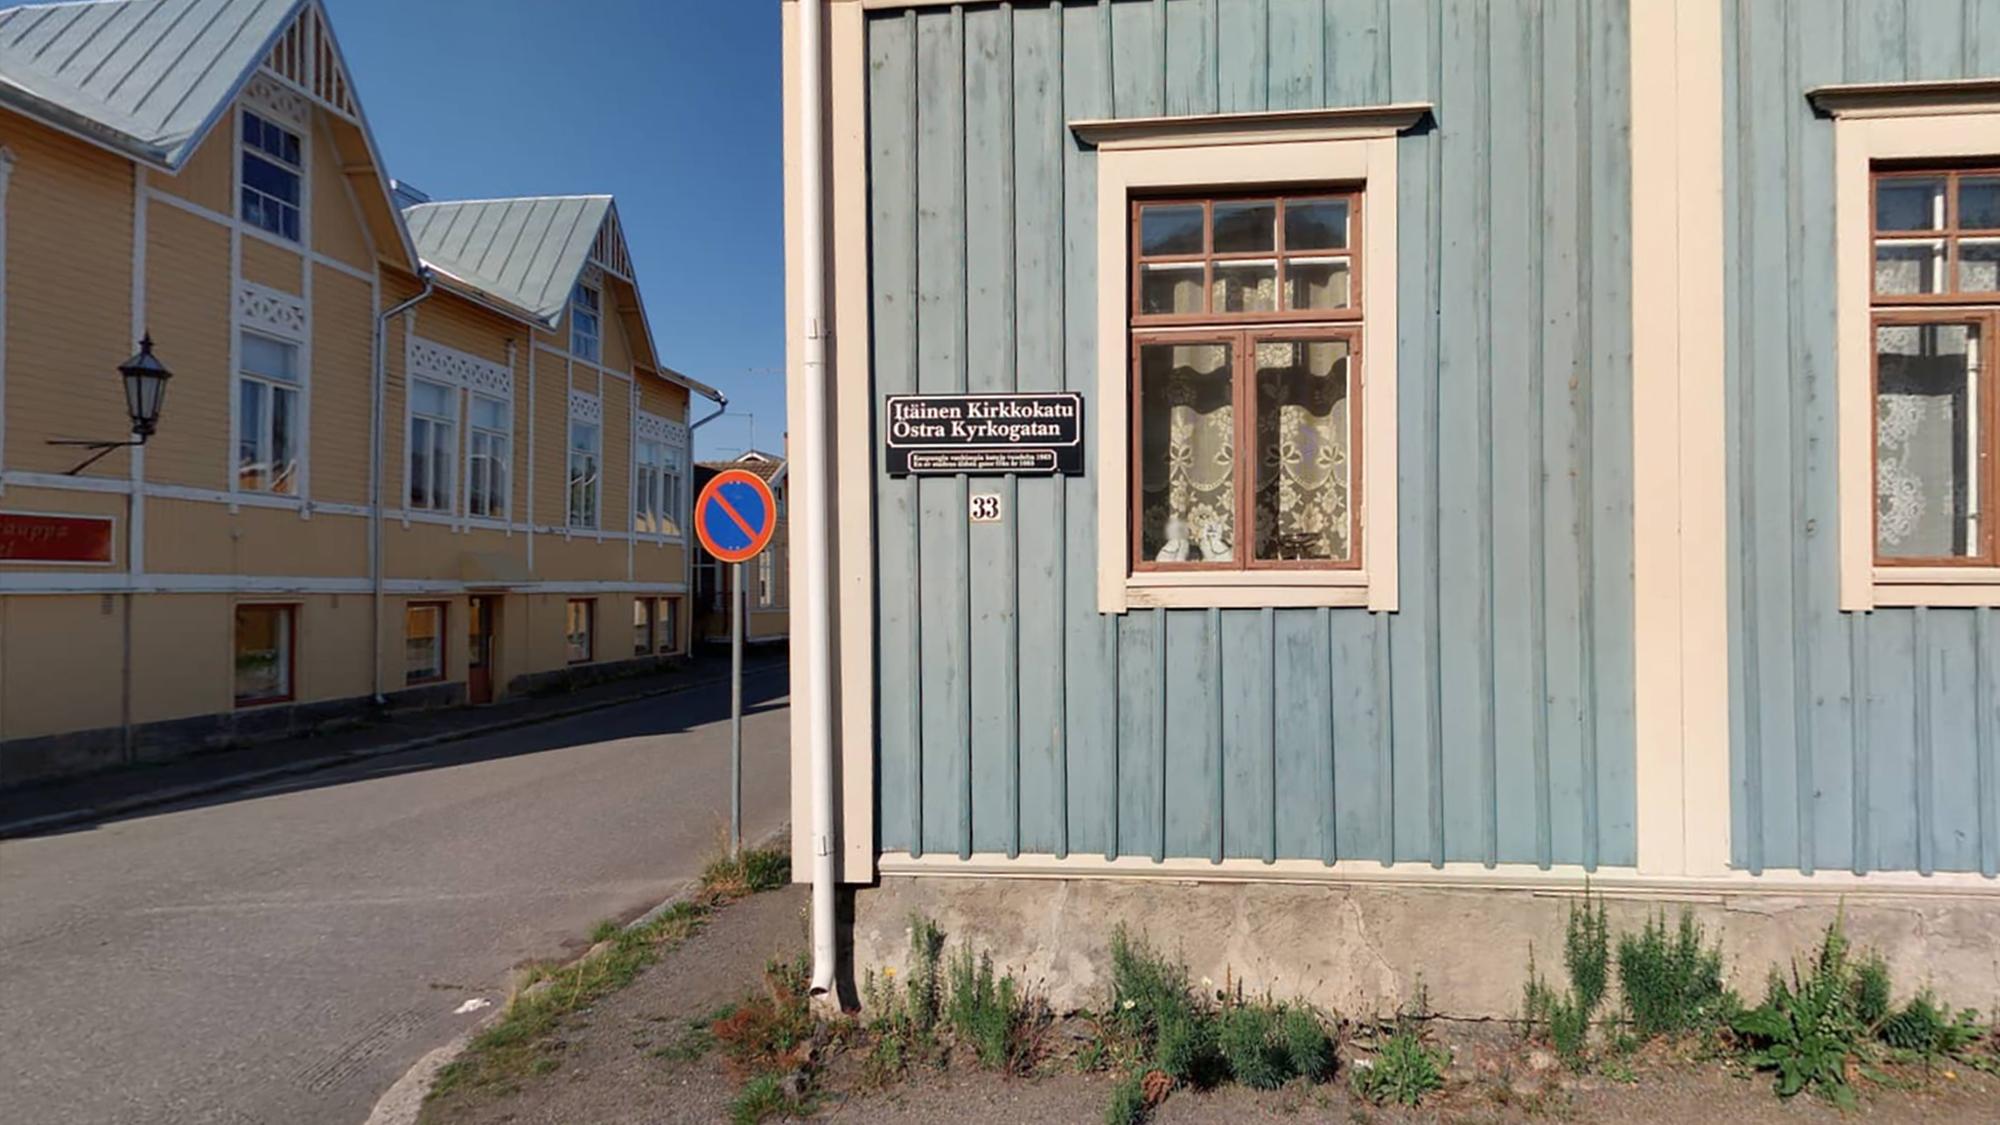 Sinisen talon julkisivu Vanhakaupunki Neristanissa. Talon seinässä on osoitenimi- ja numerokyltti. Vasemmalla näkyy keltaisen talon julkisivua.